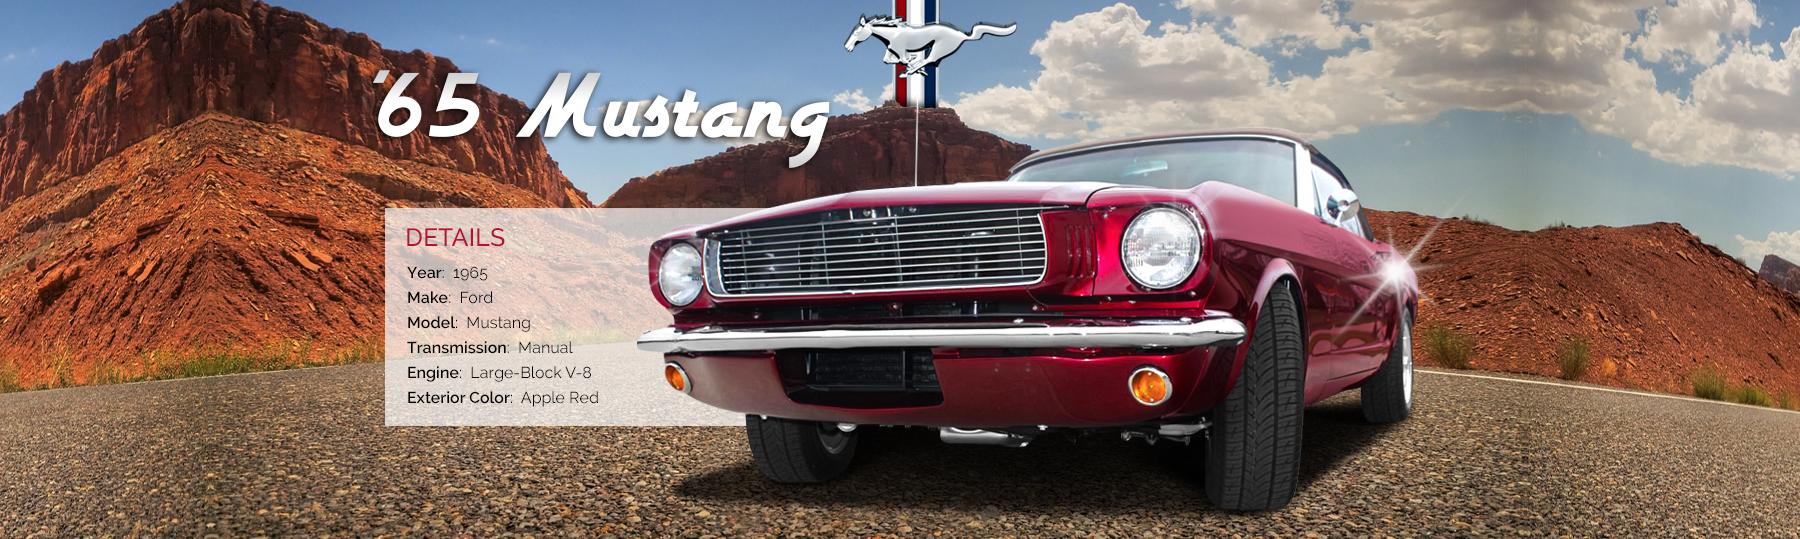 Fineline-65-Mustang-header-1